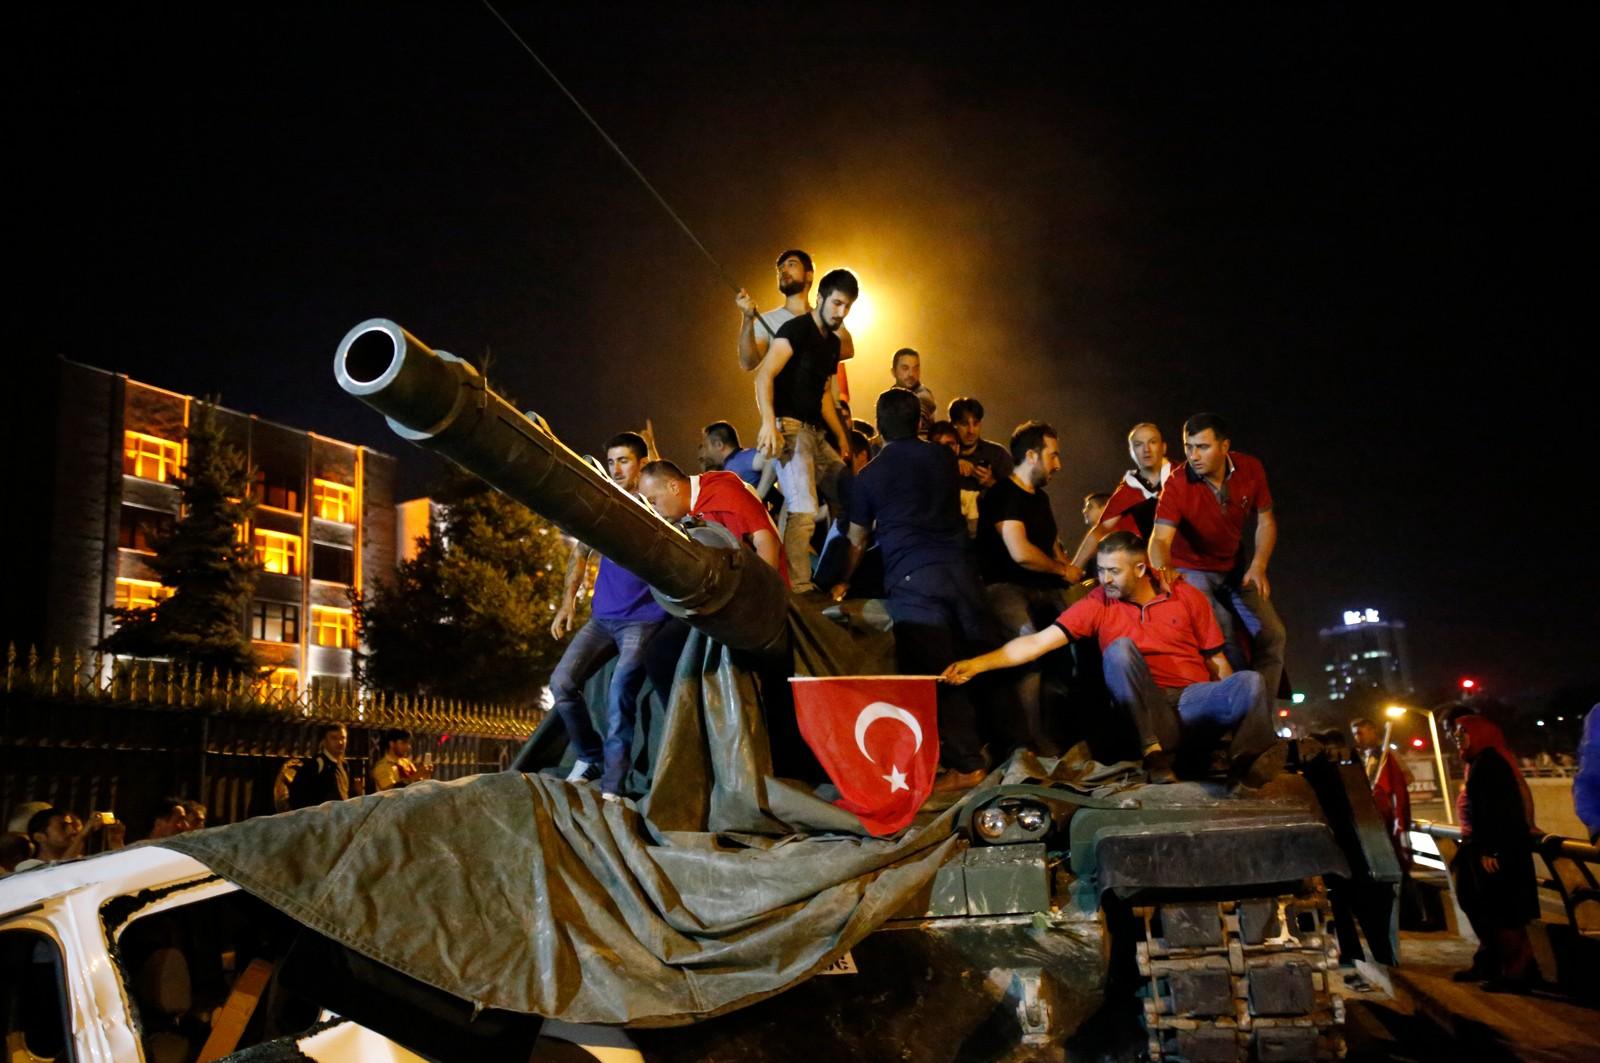 I Ankara klatret folk på denne stridsvognen for å vise sin motstand mot kuppforsøket.